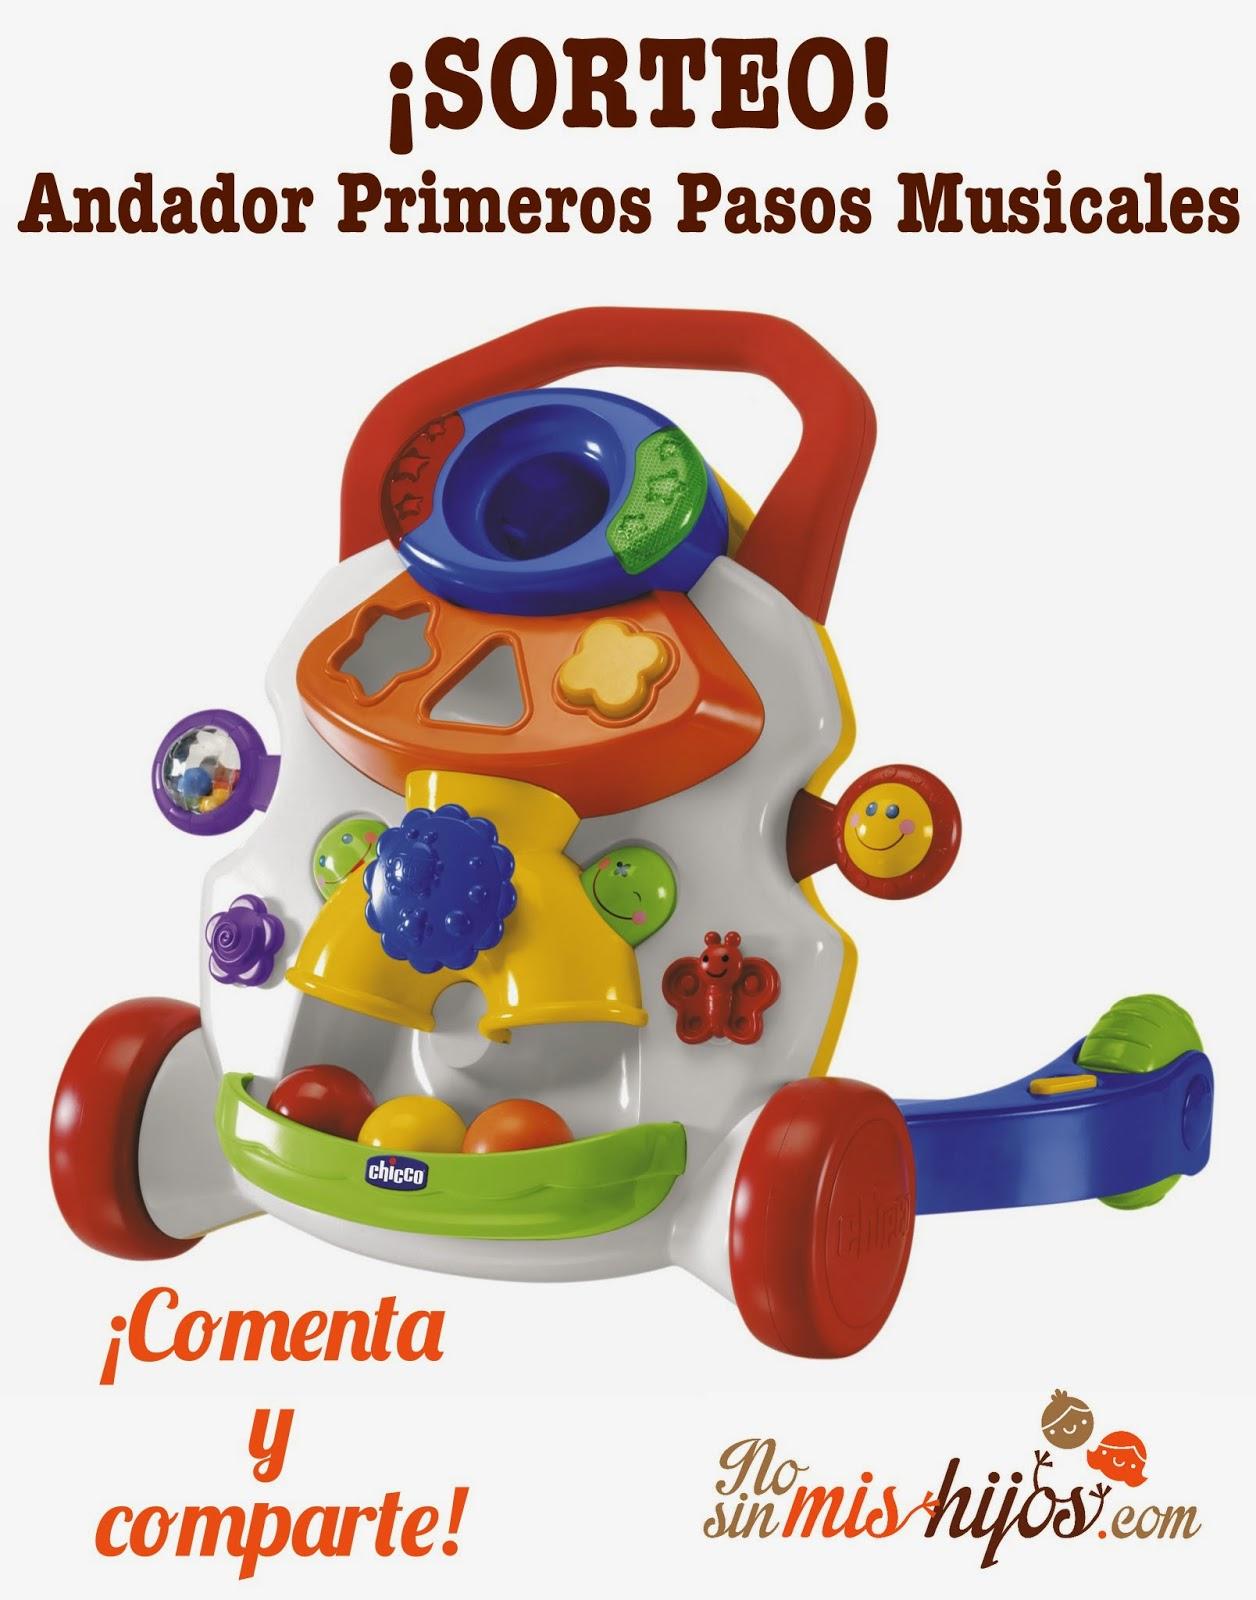 Andador Primeros Pasos Musicales de Chicco